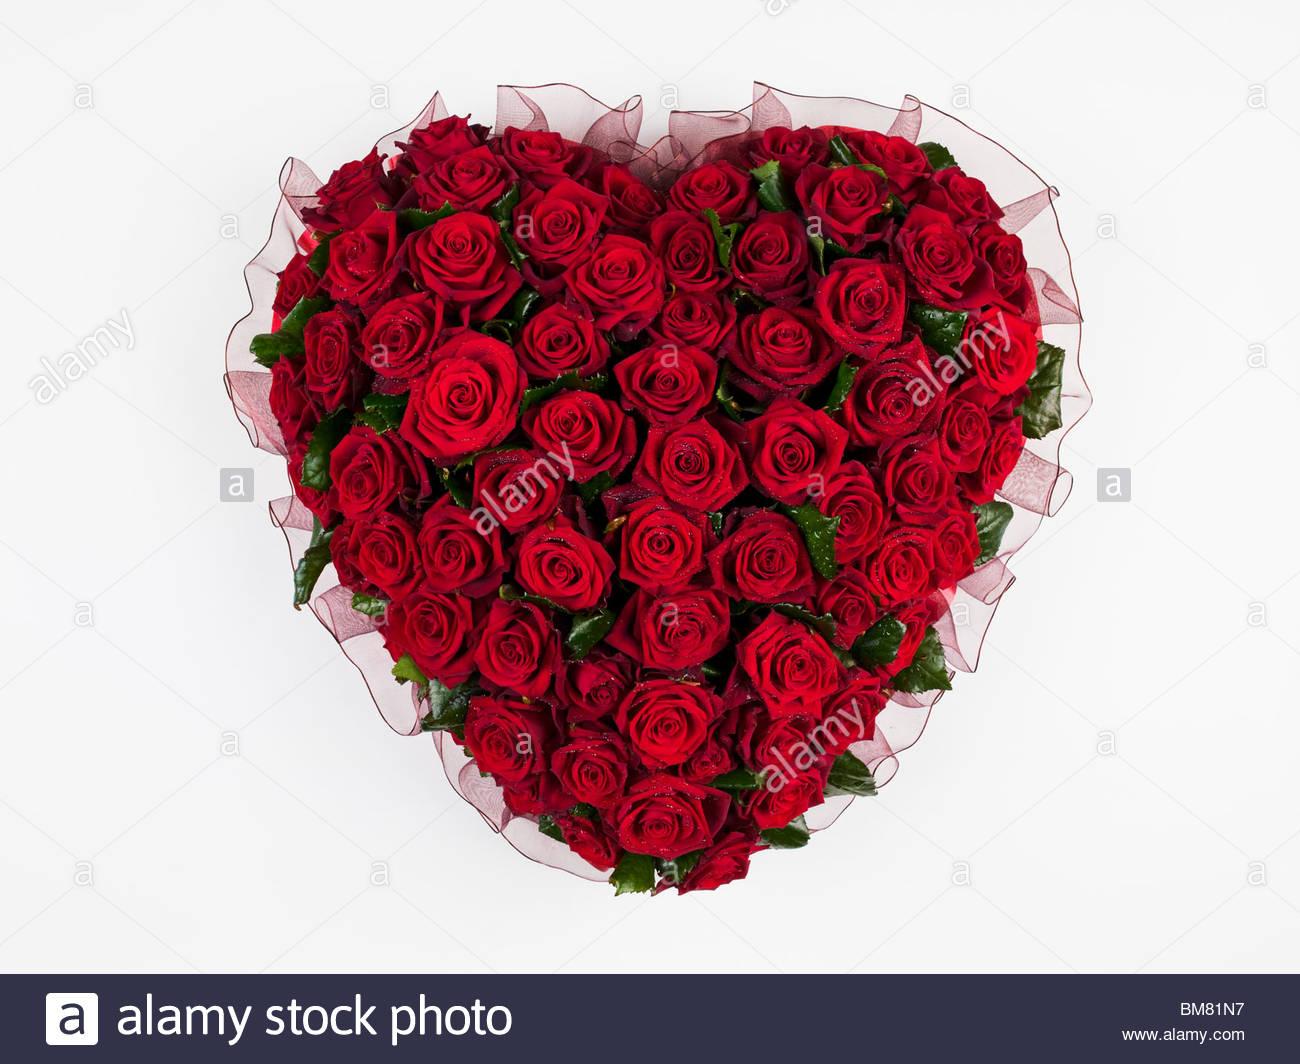 bouquet de fleurs, roses rouges en forme de cœur banque d'images